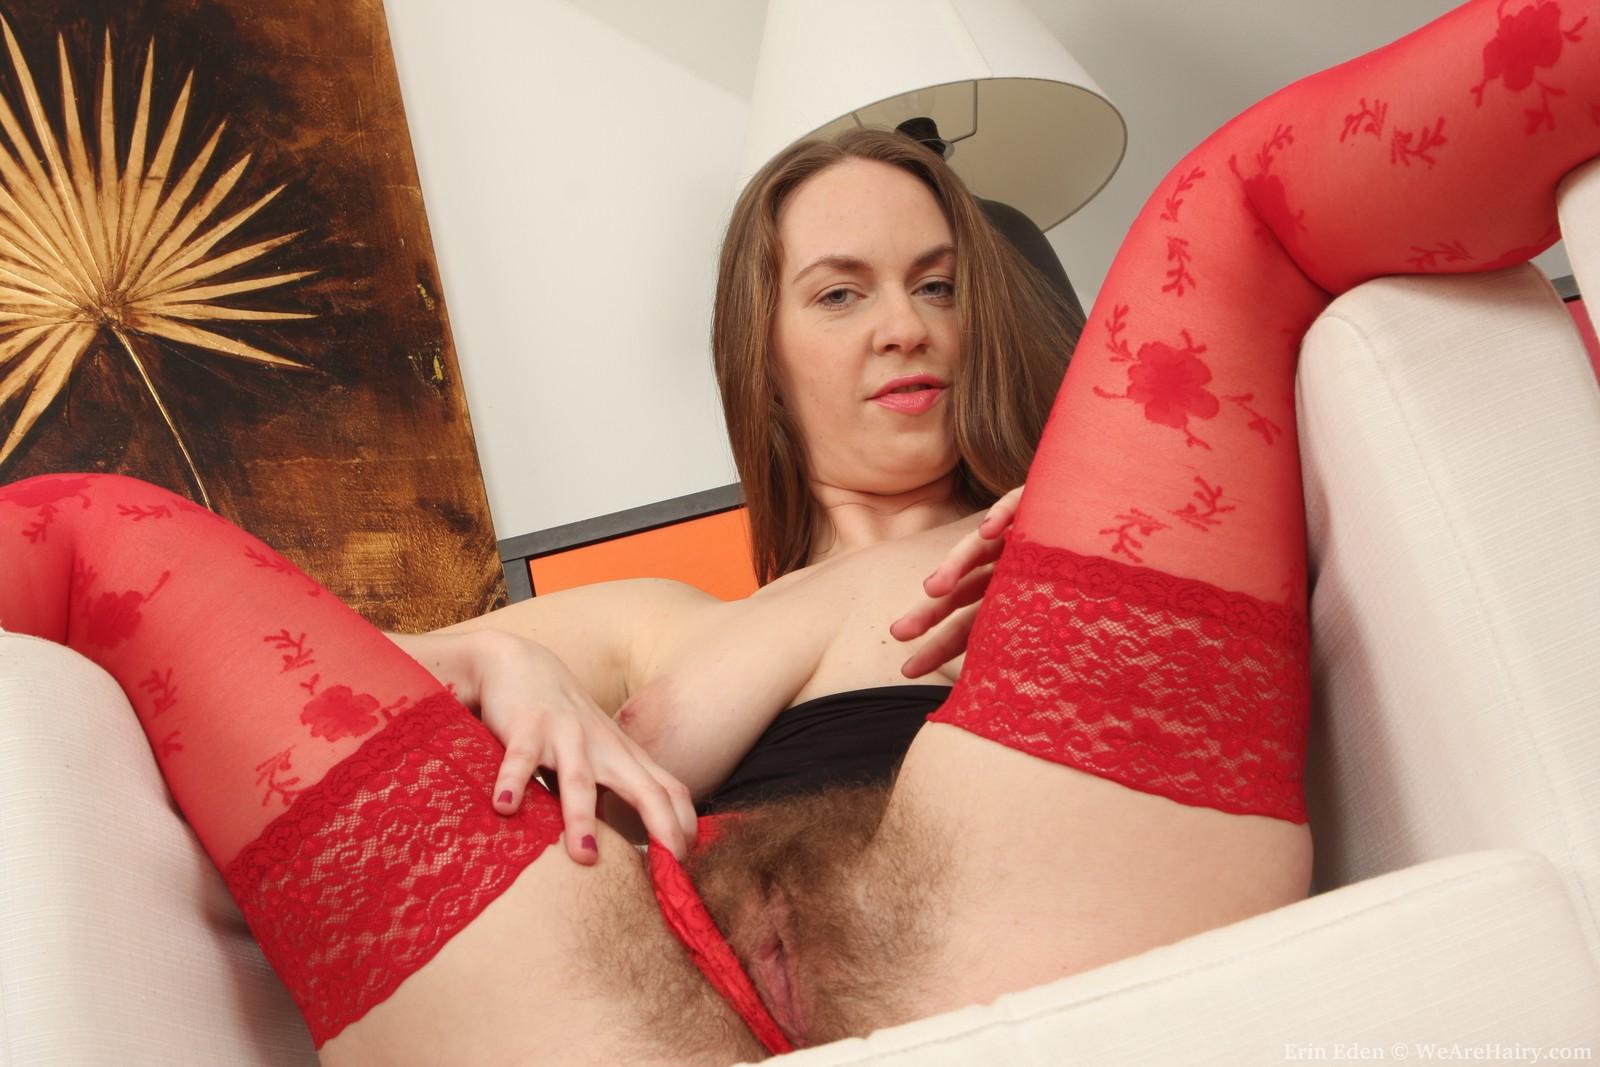 Vampir girls naked xxx gallery hentay tube